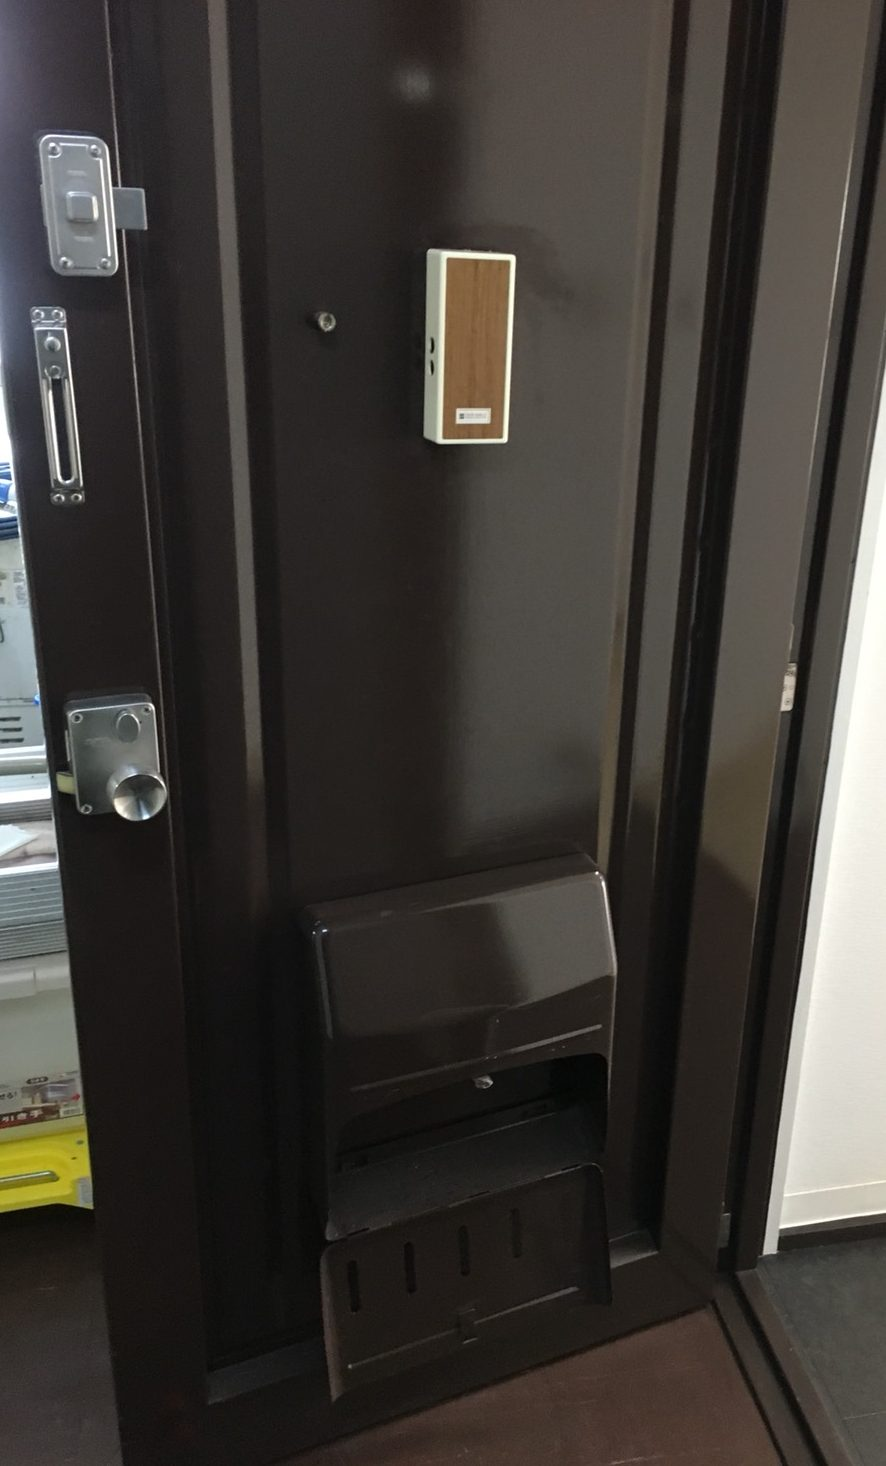 玄関のドア清掃>玄関ドアの汚れ!日常清掃、定期清掃お気軽にお問合せ下さい!内側/外側のお掃除は大丈夫でしょうか?ハウスクリーニングは、おそうじプラスまで072-768-9969